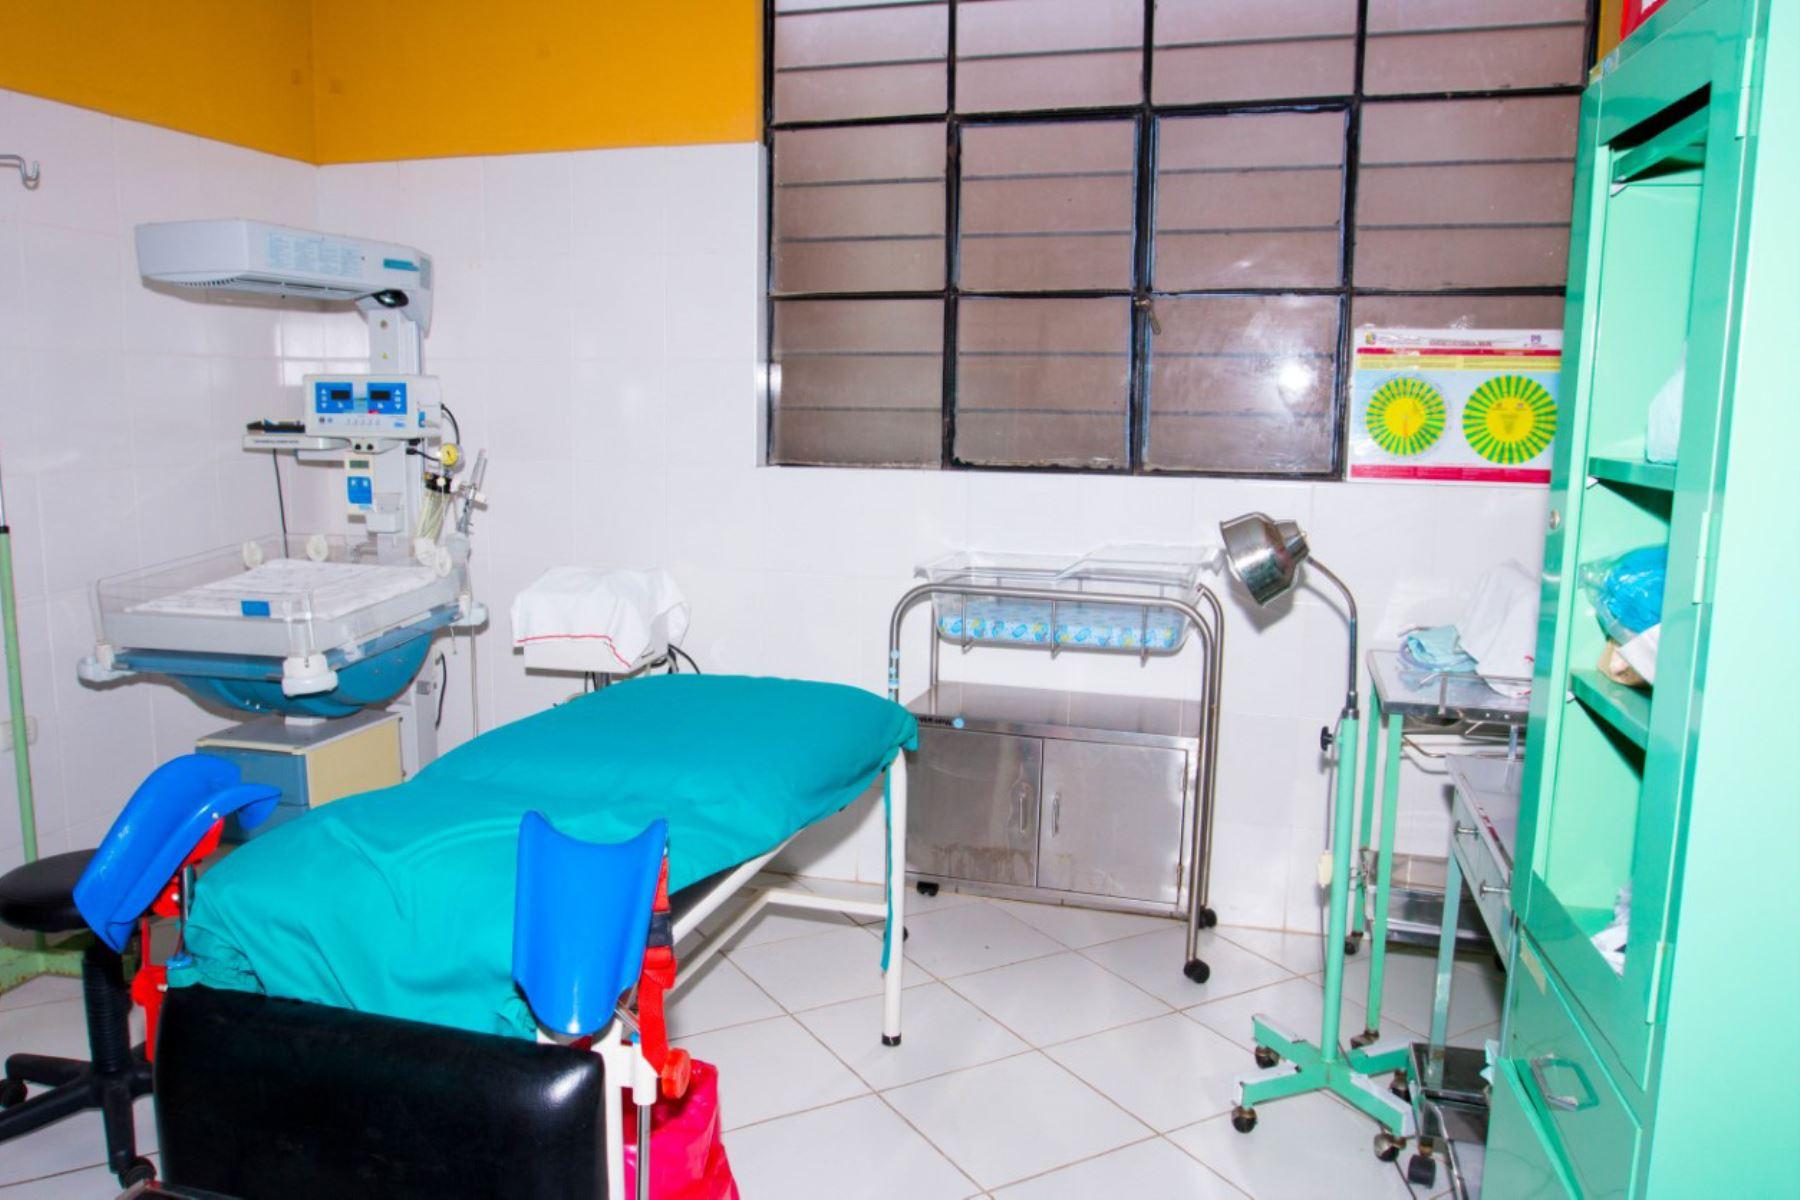 El gobernador regional de Lima, Ricardo Chavarría, anunció la construcción y equipamiento integral del centro de salud de Quilmaná, en la provincia de Cañete, que demandará una inversión de 13 millones de soles.